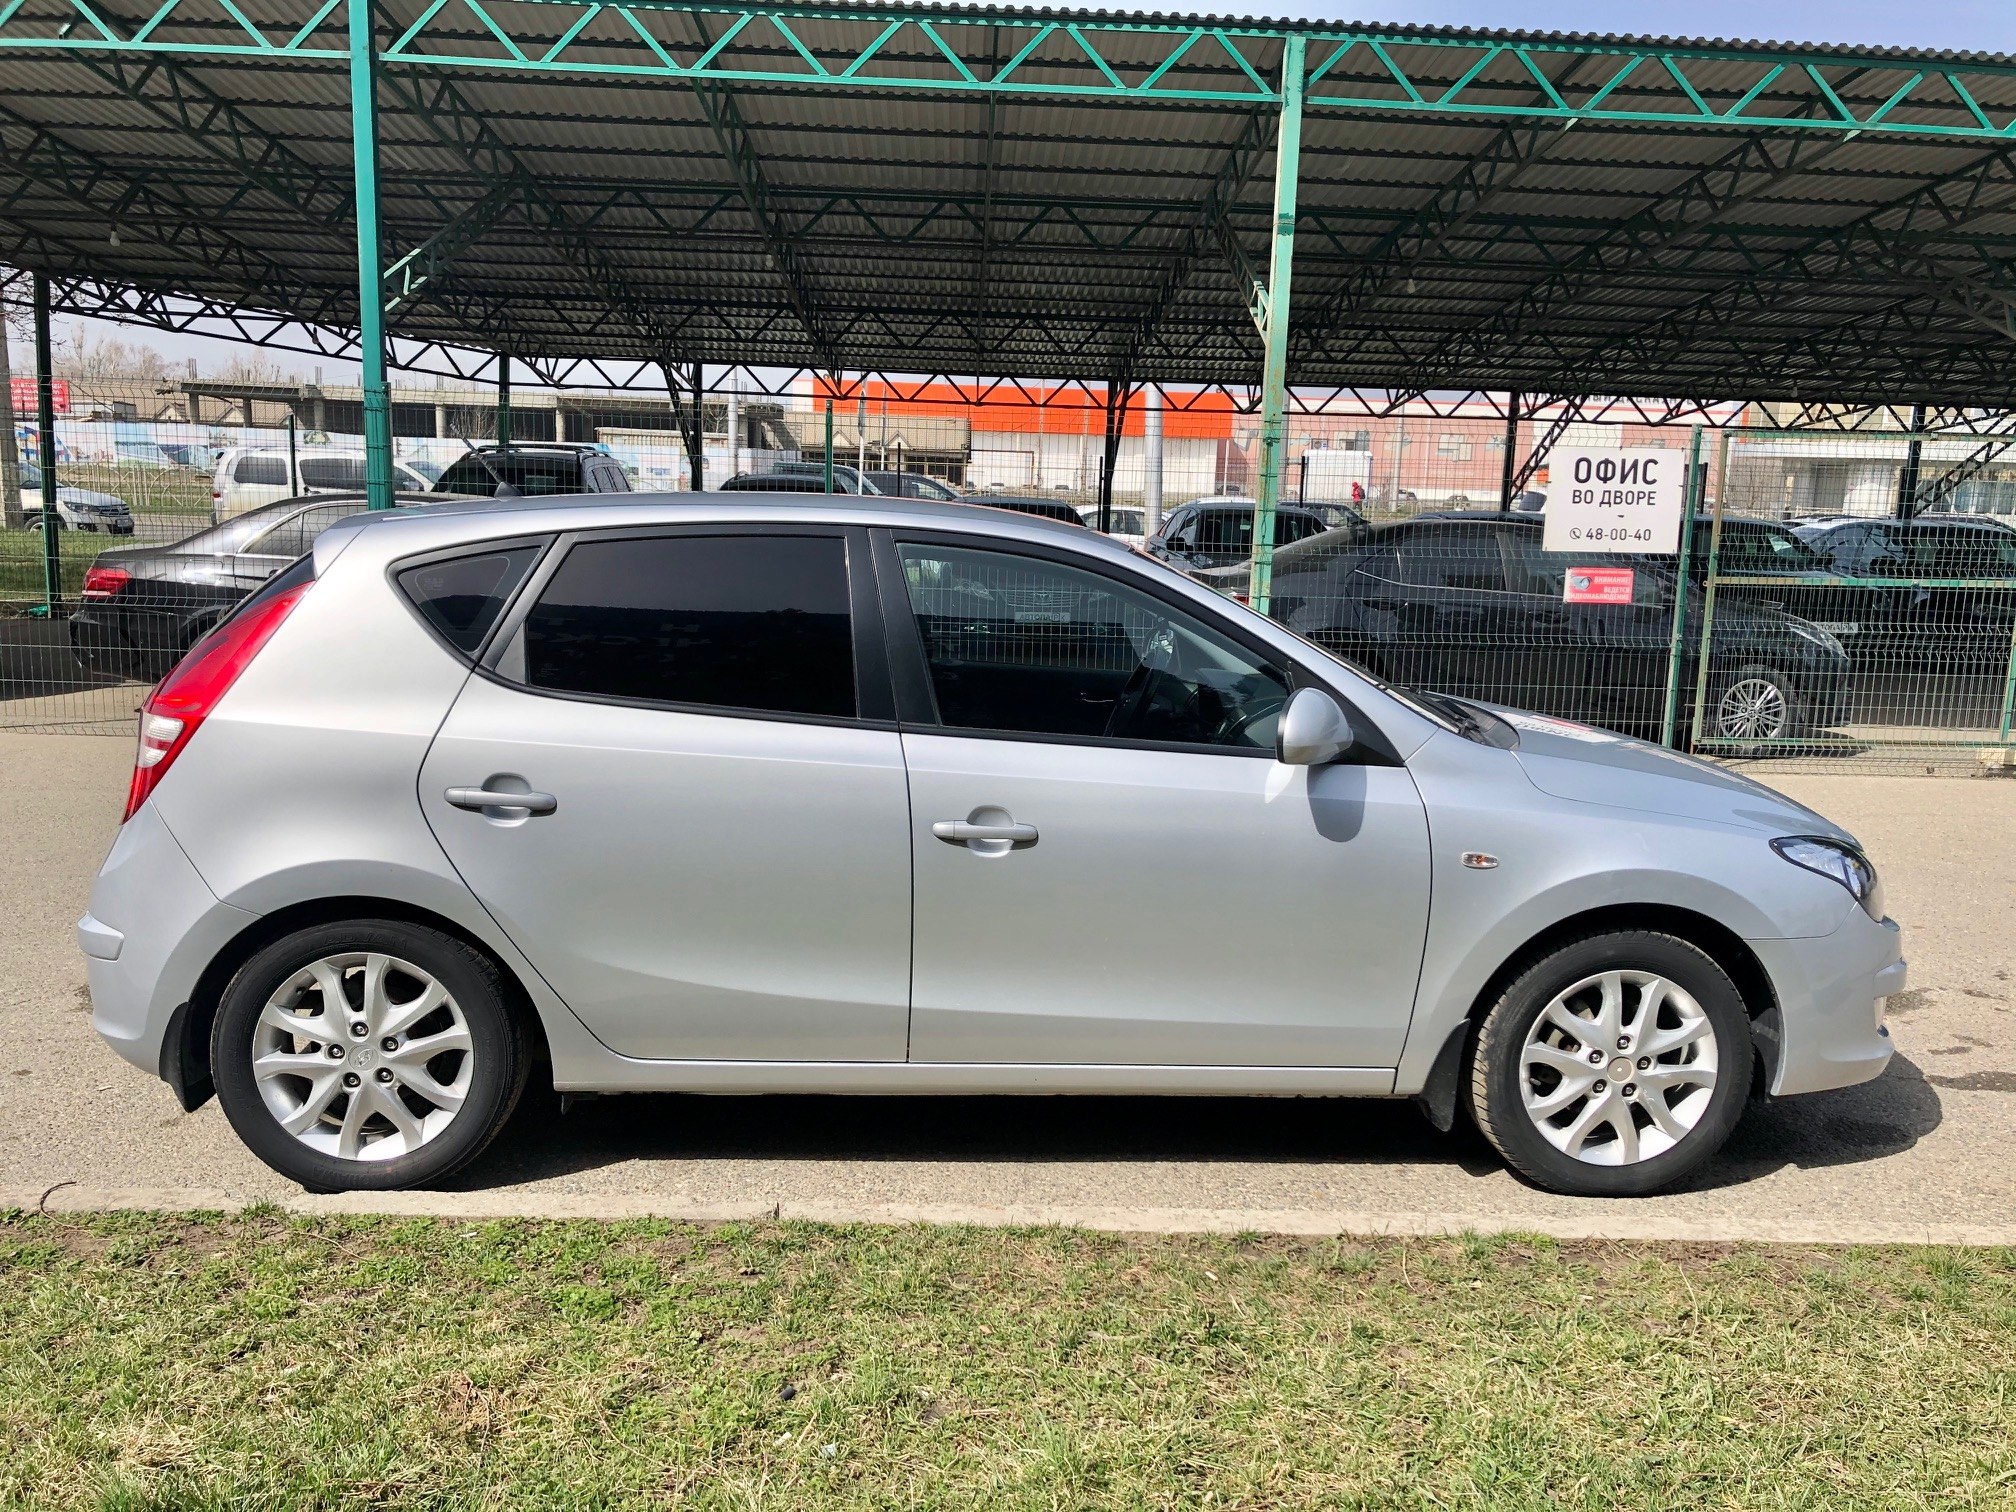 Купить Hyundai i30 (Серебристый ) - Автопарк Ставрополь